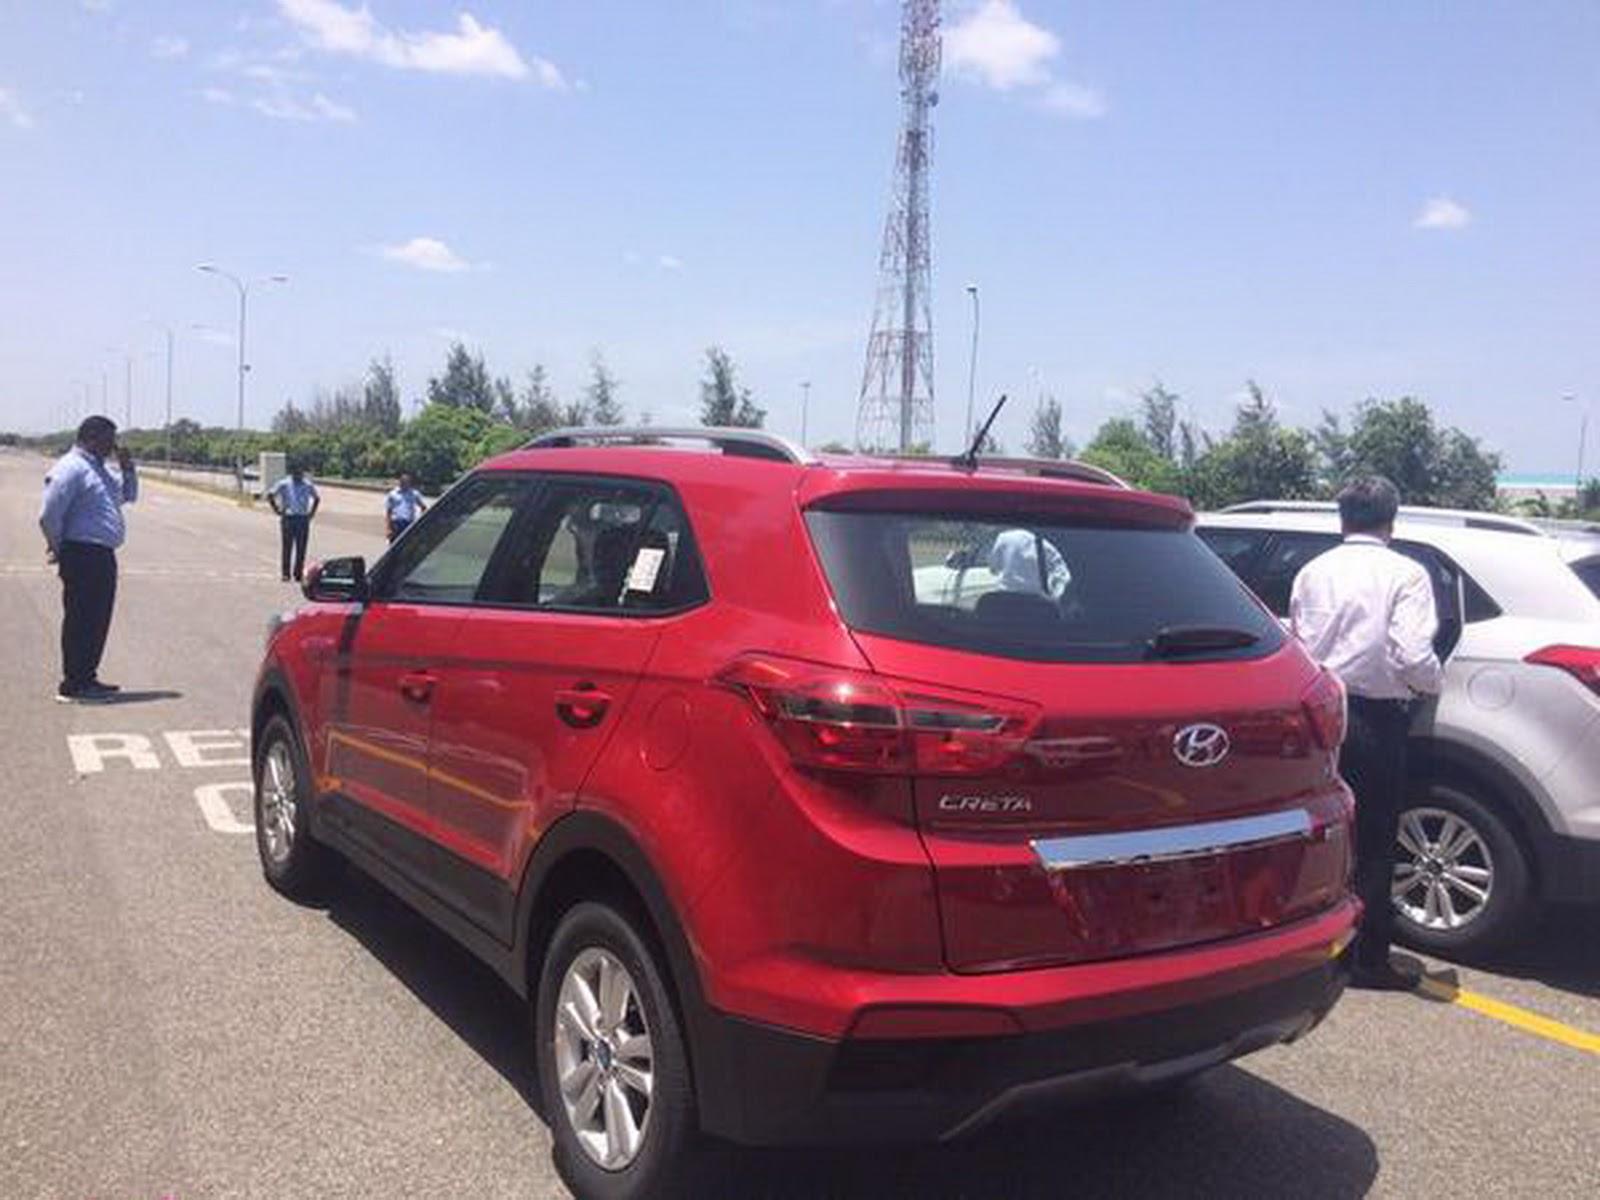 2015 Hyundai Creta Spied Undisguised Ahead of European ...